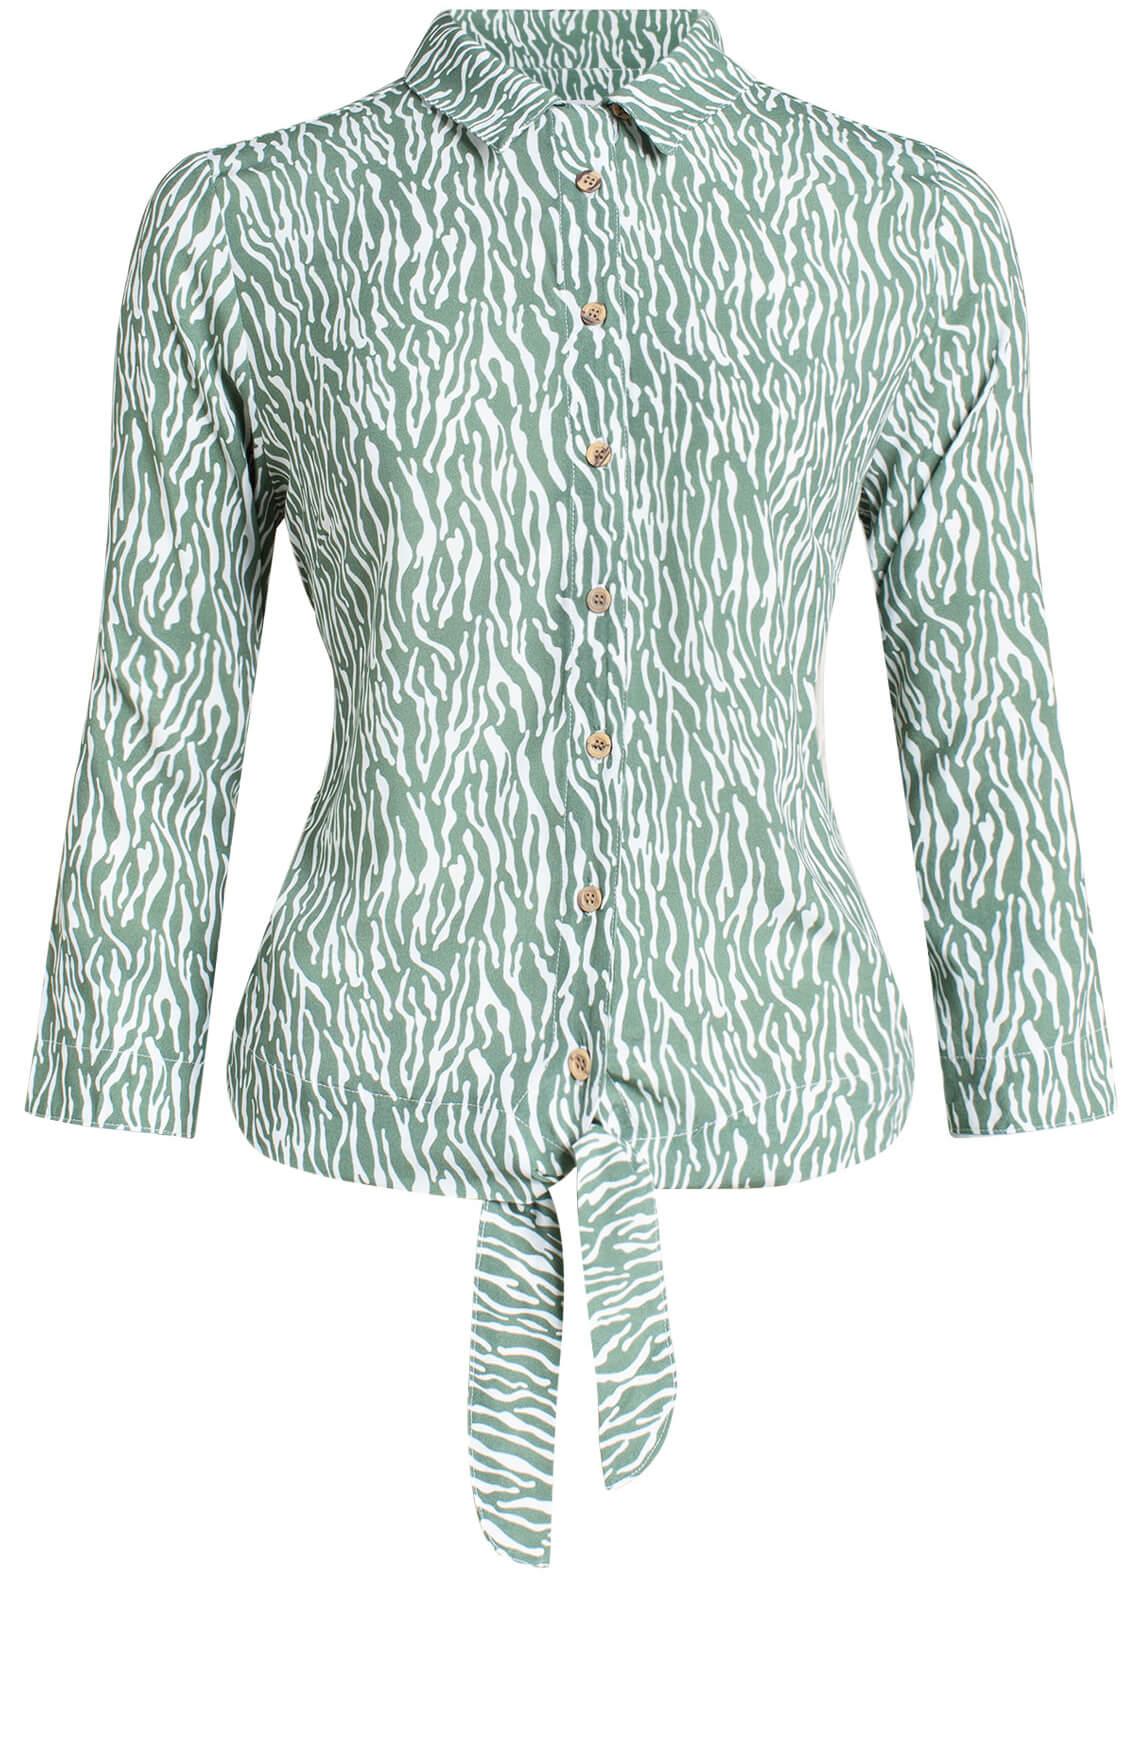 Anna Blue Dames Zebraprint blouse groen